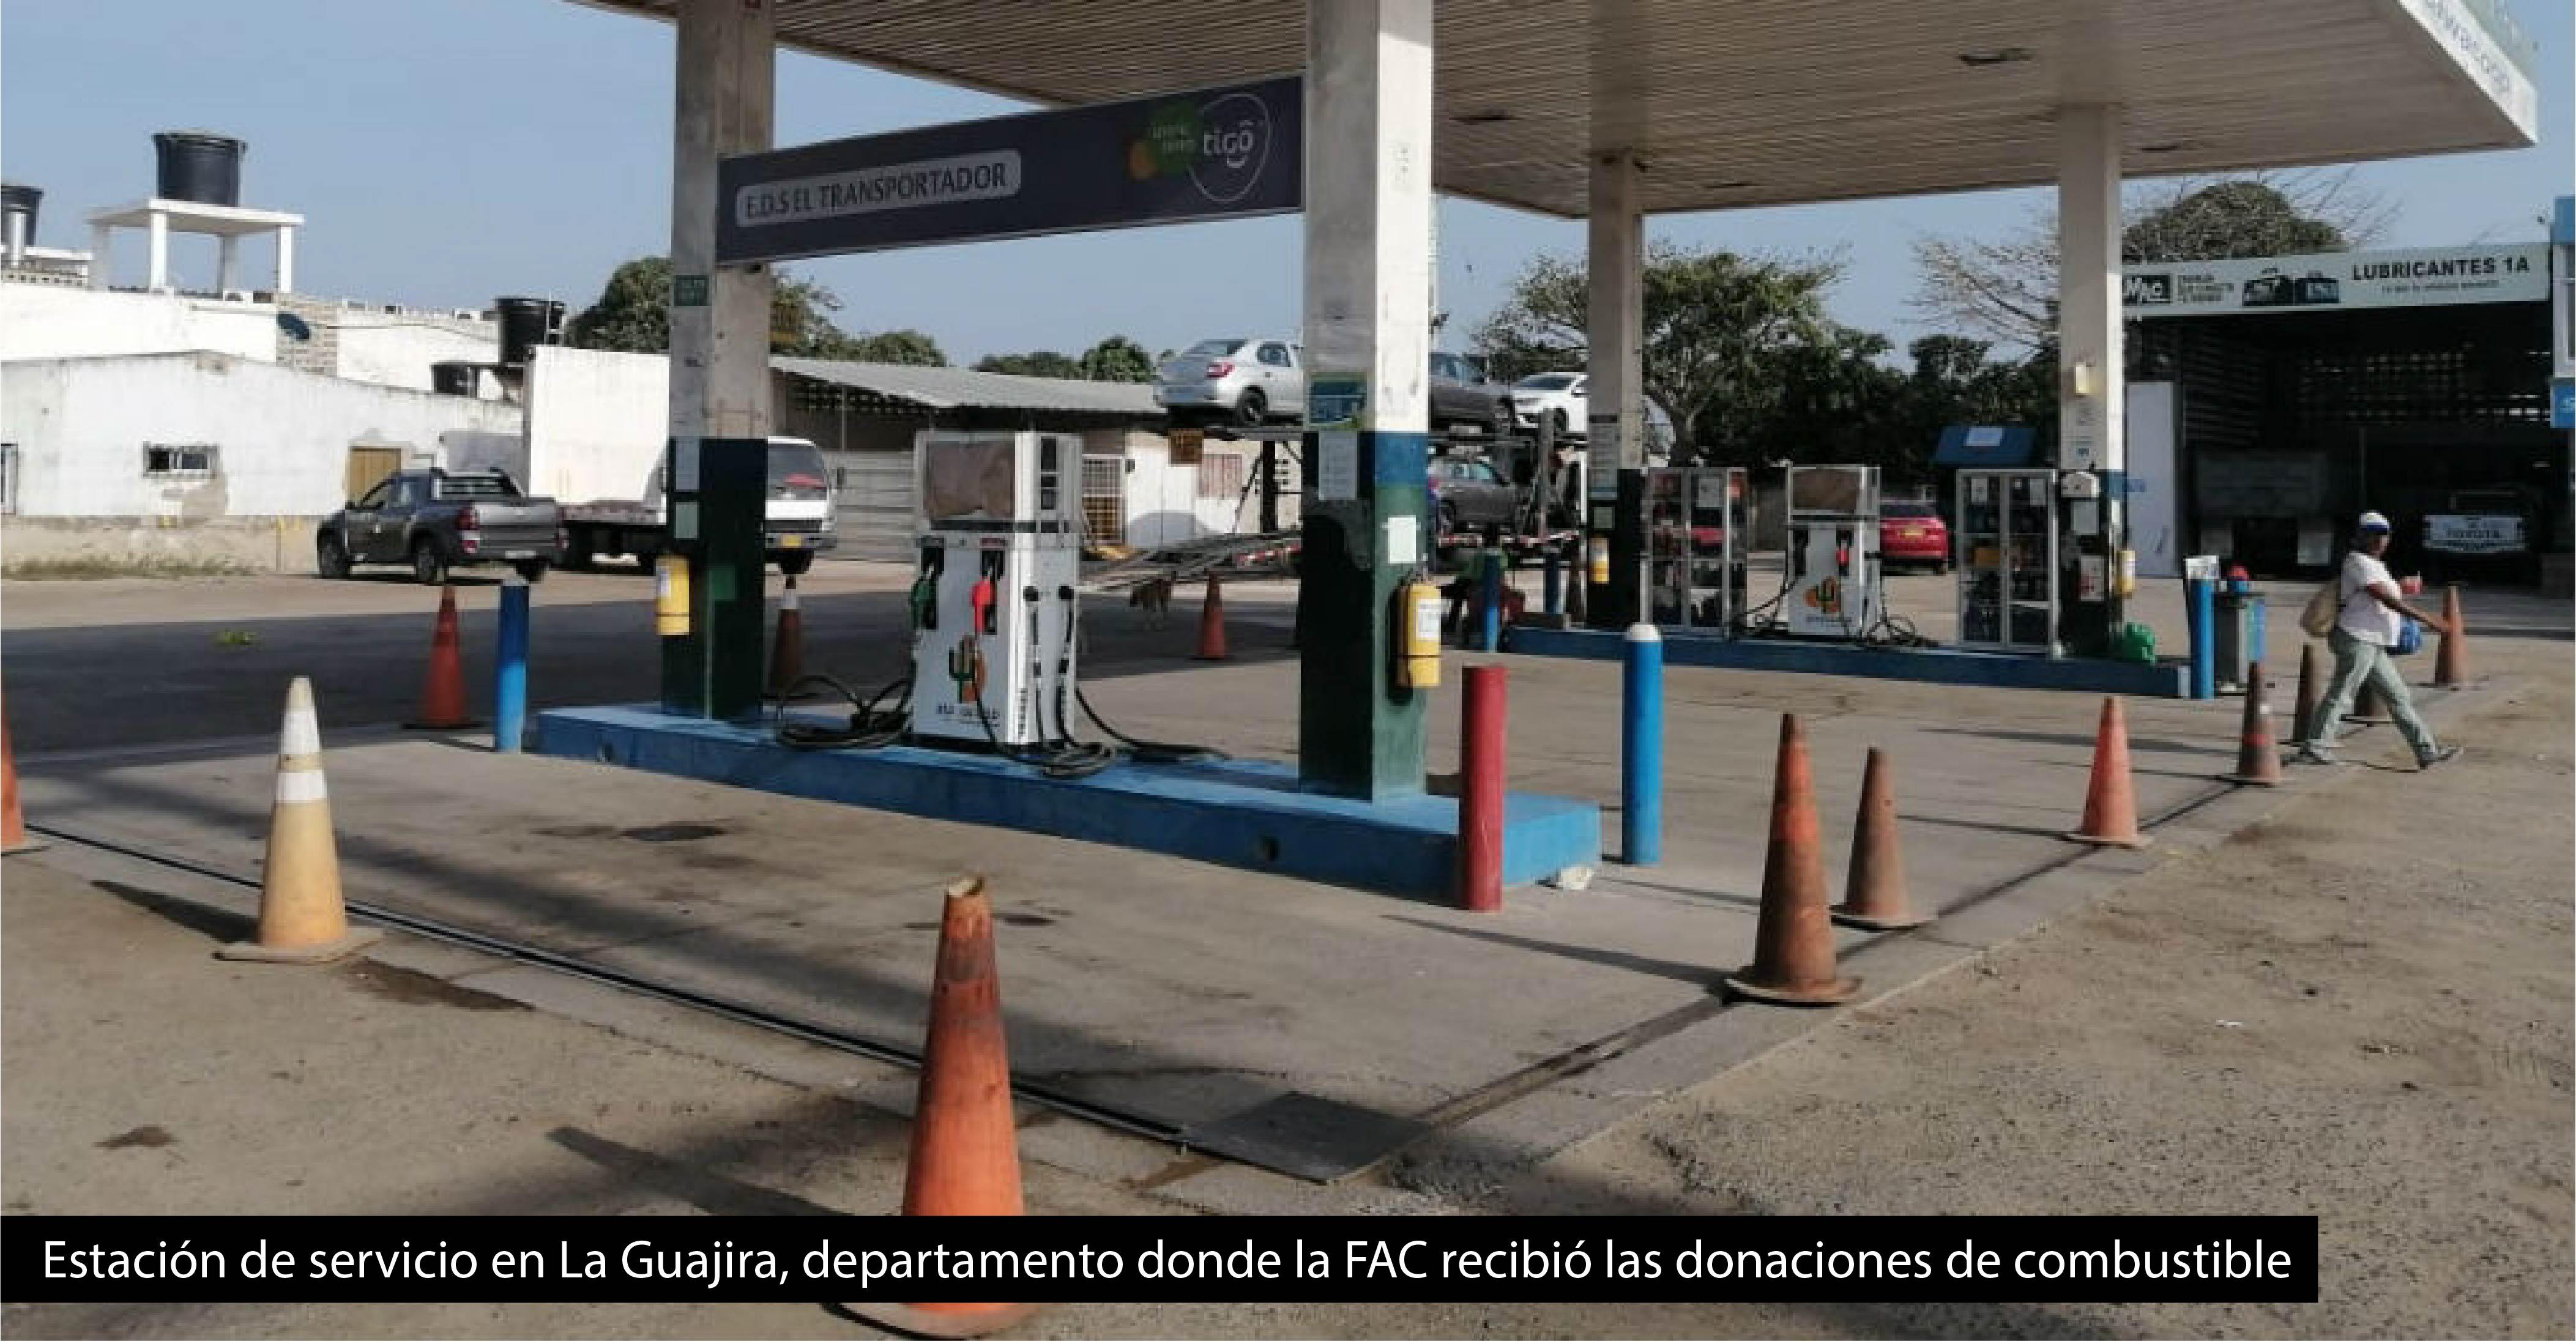 Estación de servicio en La Guajira, departamento donde la FAC recibió las donaciones de combustible